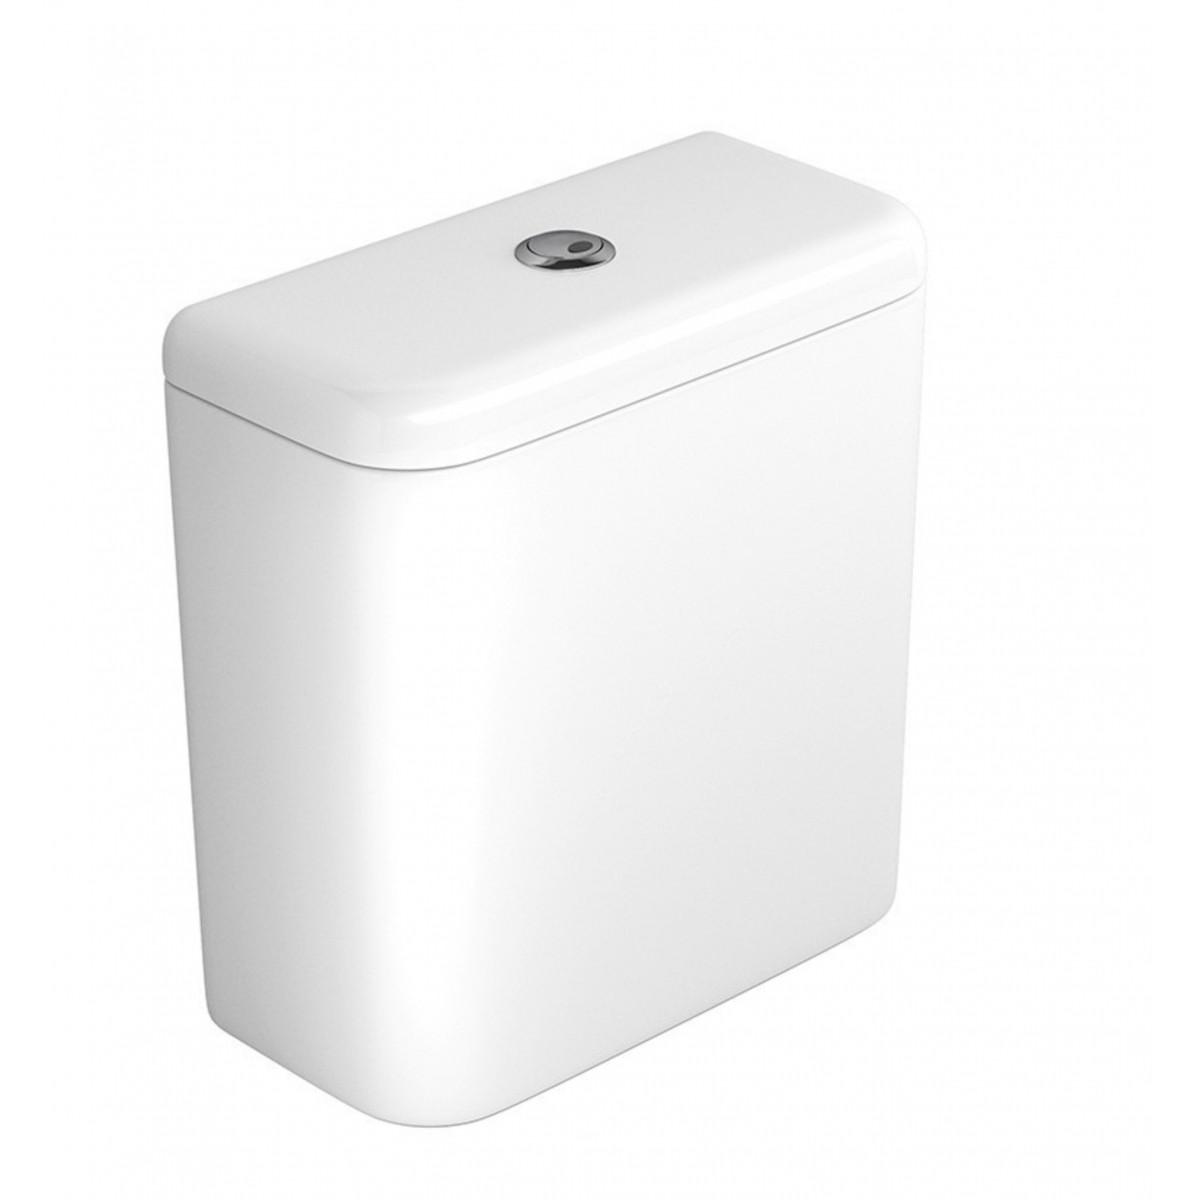 Caixa Acoplada Mecanismo D.Flux Carrara/Nuova CD.11F.17 Deca Branco